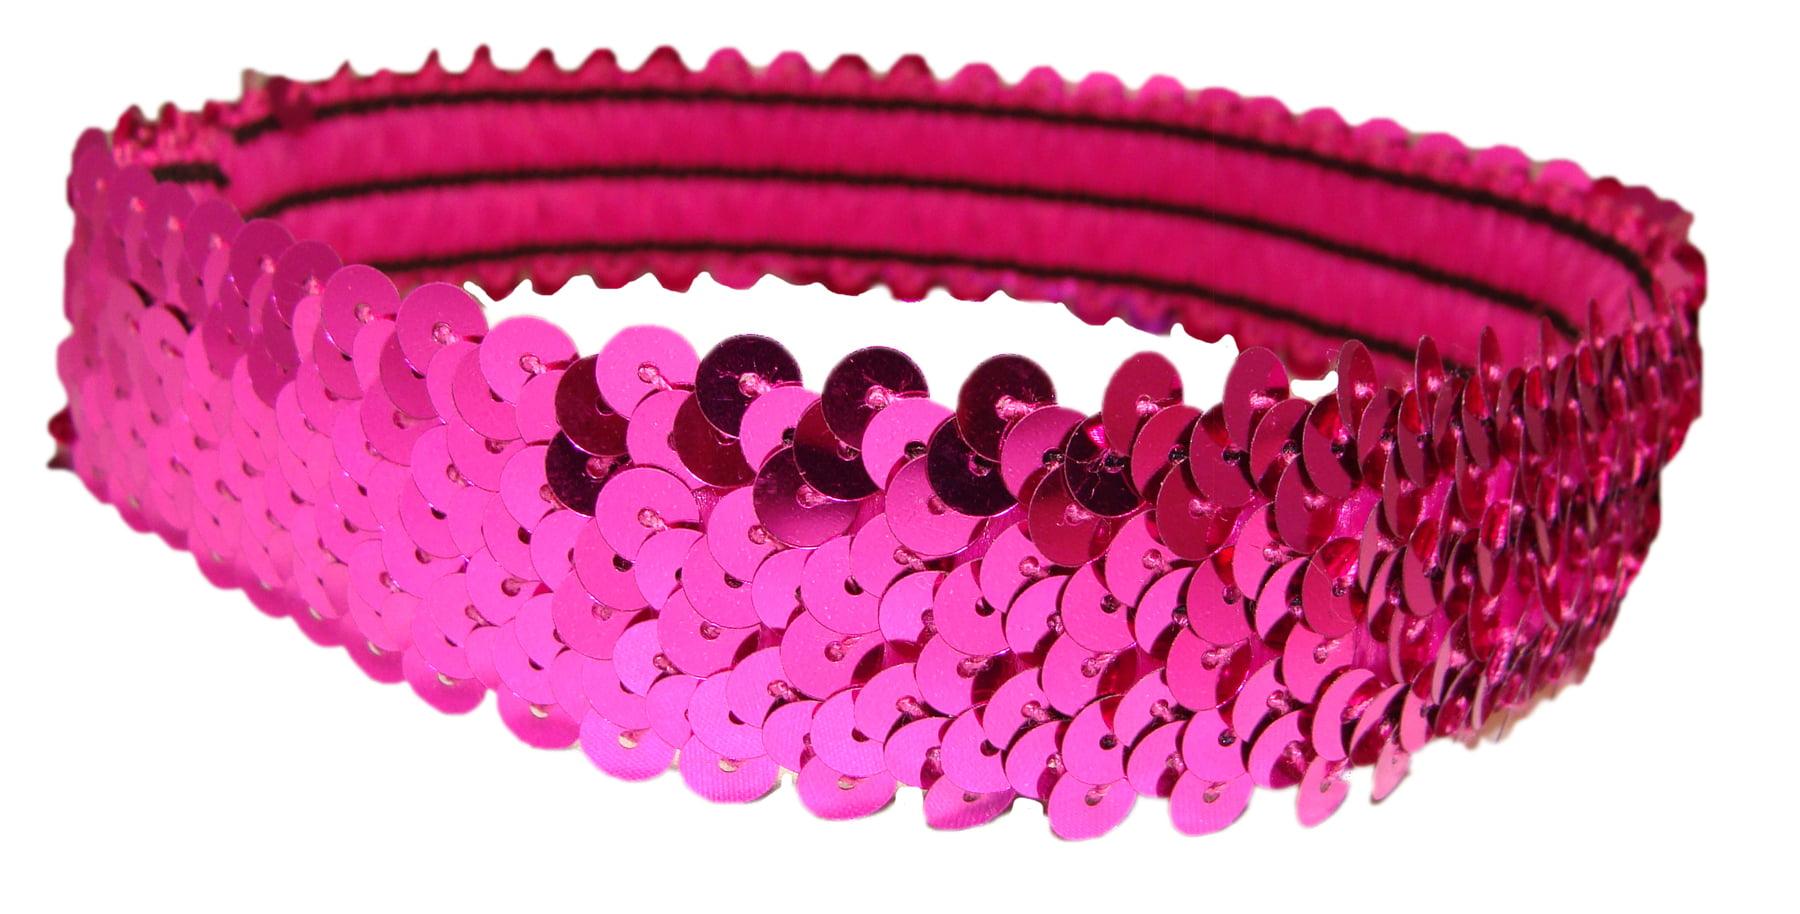 Kenz Laurenz - Kenz Laurenz Sequin Headband Girls Headbands Sparkly Hair  Head Bands Hot Pink - Walmart.com 657569f9c7e